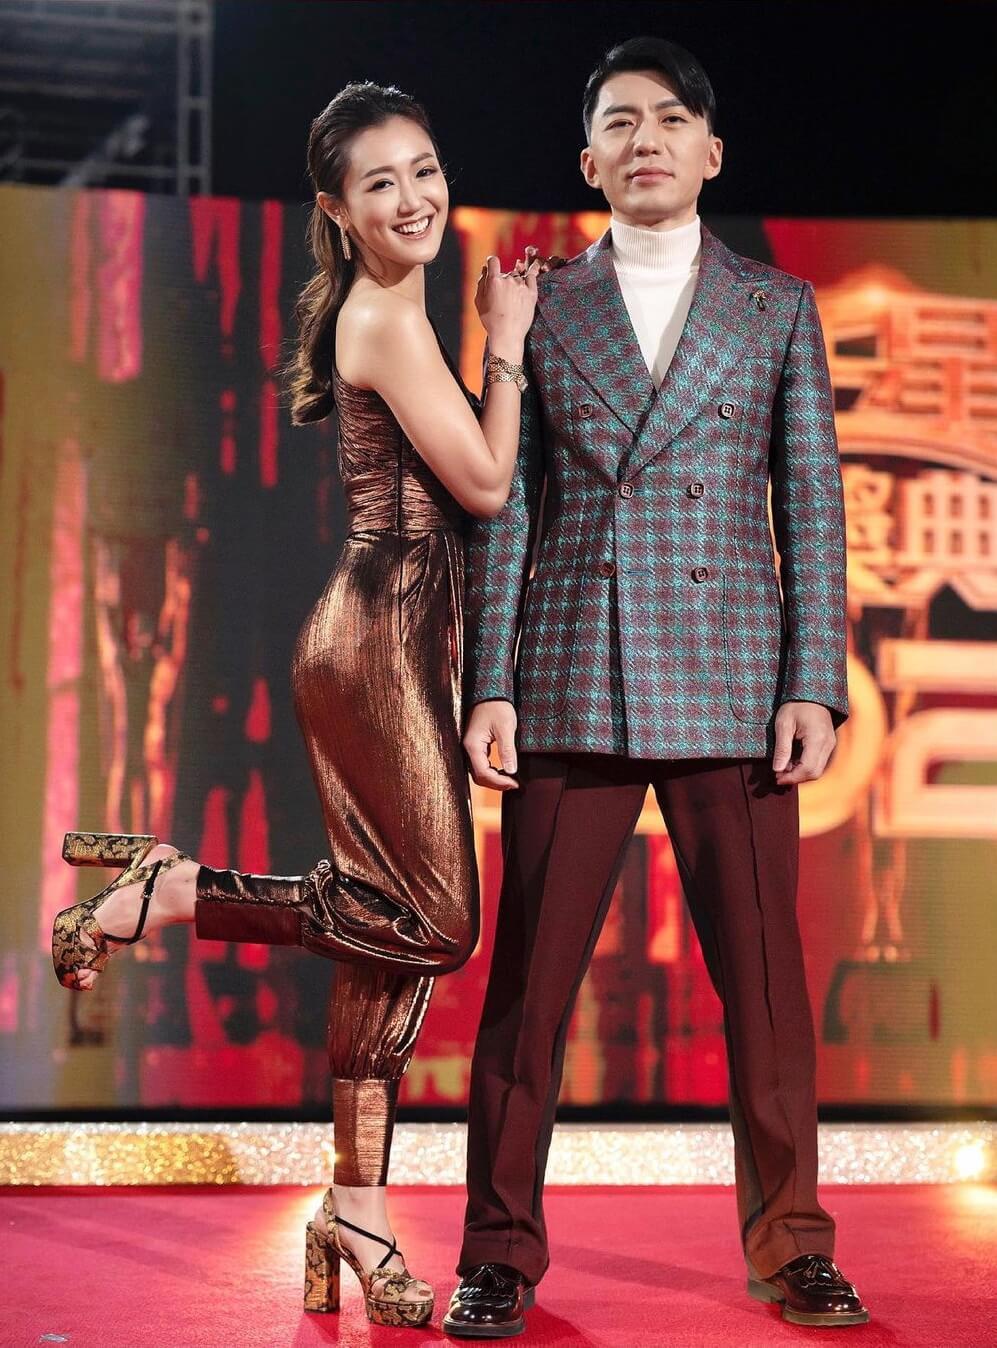 袁偉豪與張寶兒結婚後,被網民批評狀態大不如前。